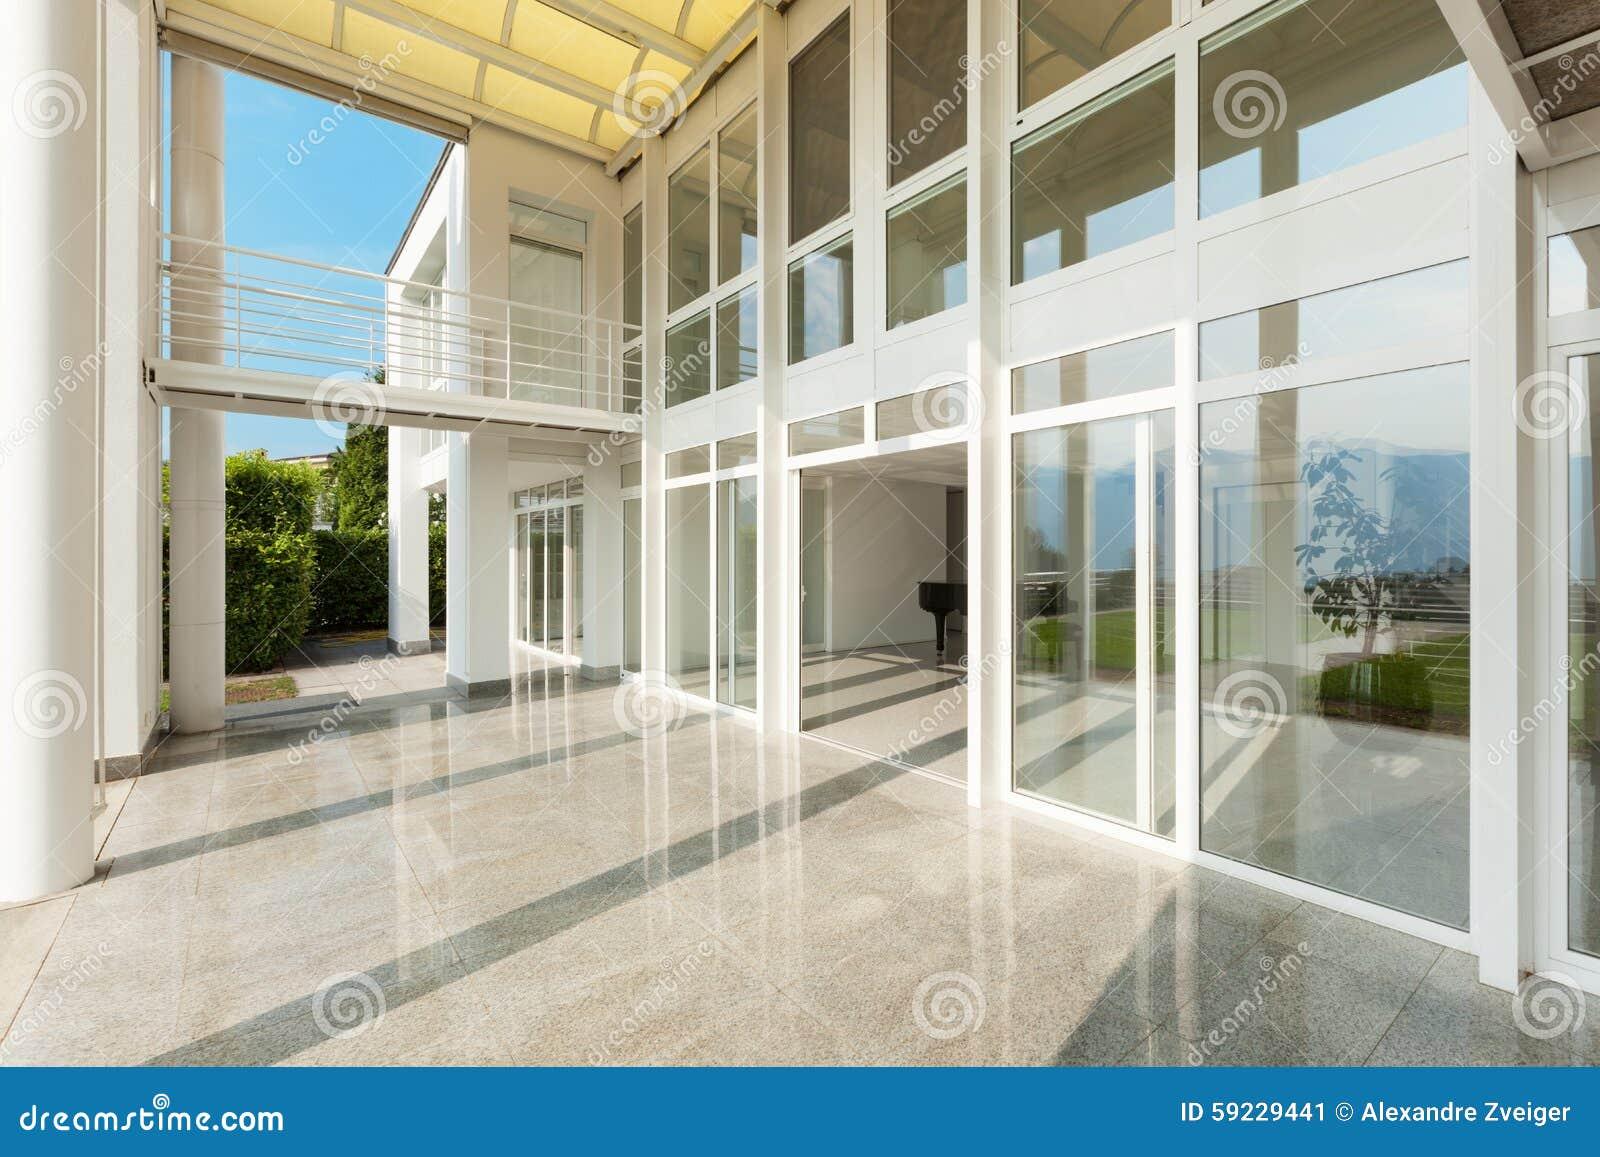 Brede veranda van een modern huis stock afbeelding afbeelding